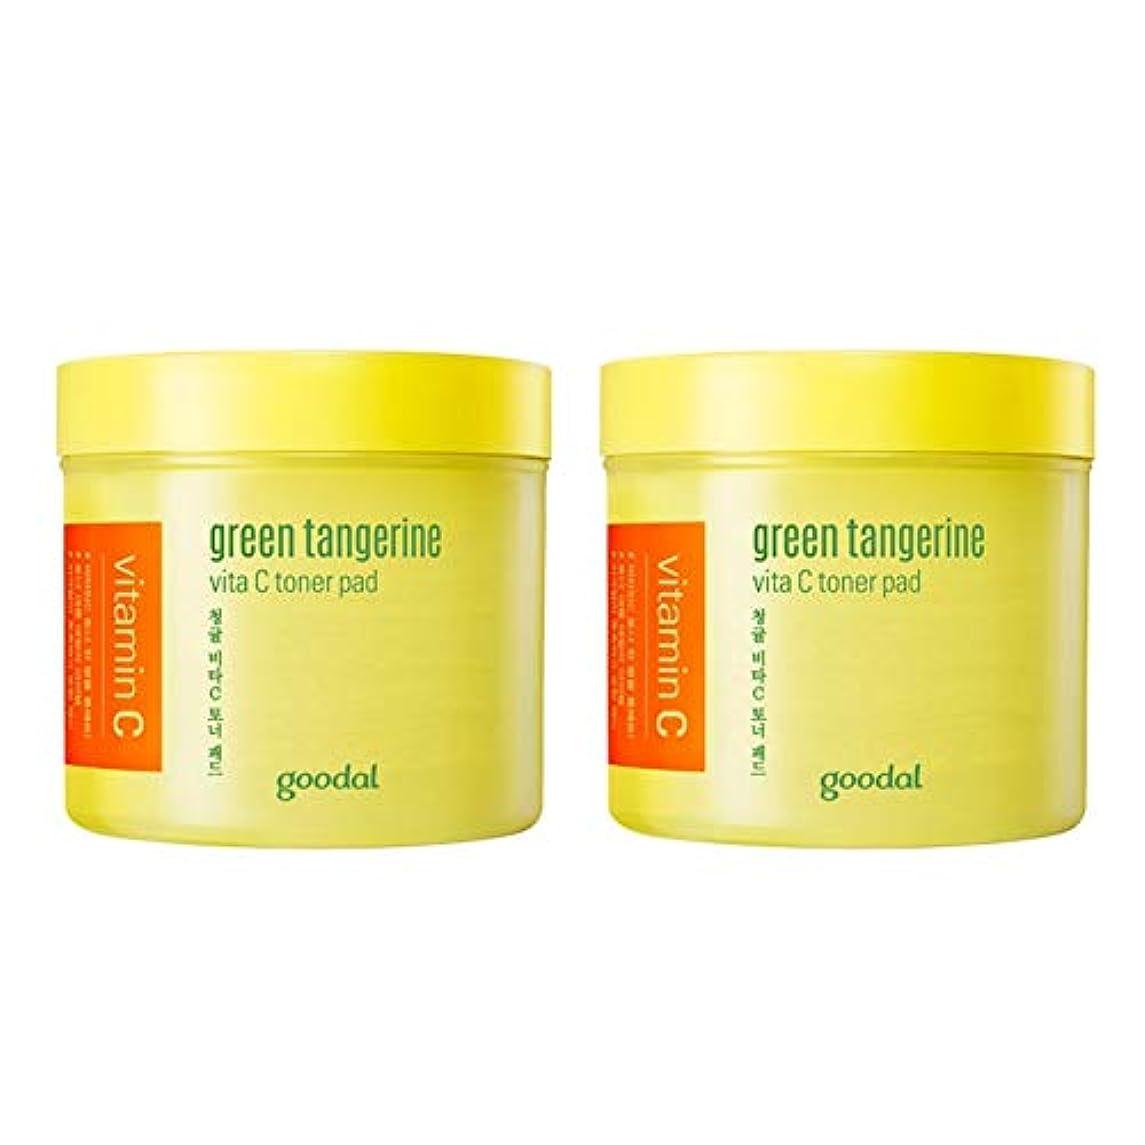 グドール青みかんヴィータCトナーパッド70px2本セット質除去、水分供給 韓国コスメ 、Goodal Green Tangerine Vita C Toner Pad 70p x 2ea Set Korean Cosmetics...